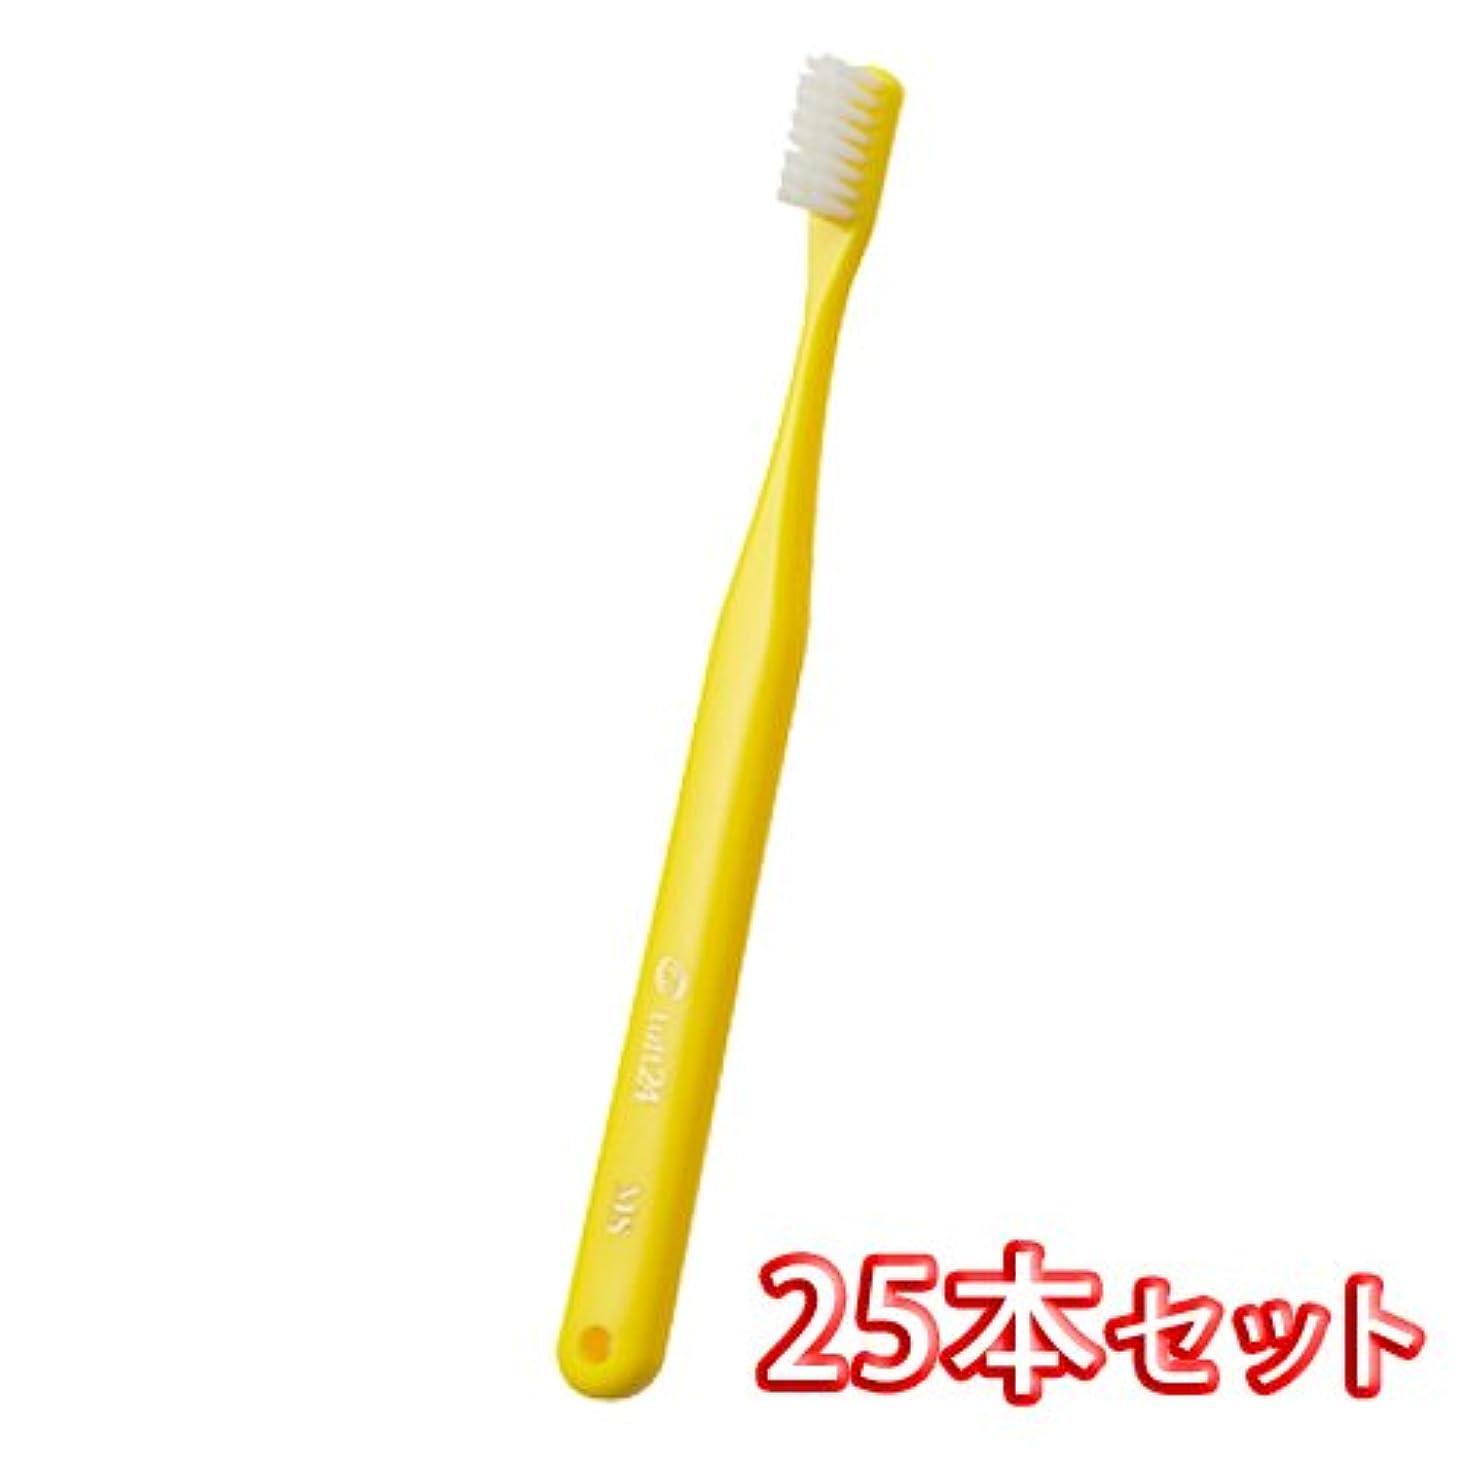 異常宿命擁するオーラルケア キャップ付き タフト 24 歯ブラシ 25本入 ミディアムハード MH (イエロー)